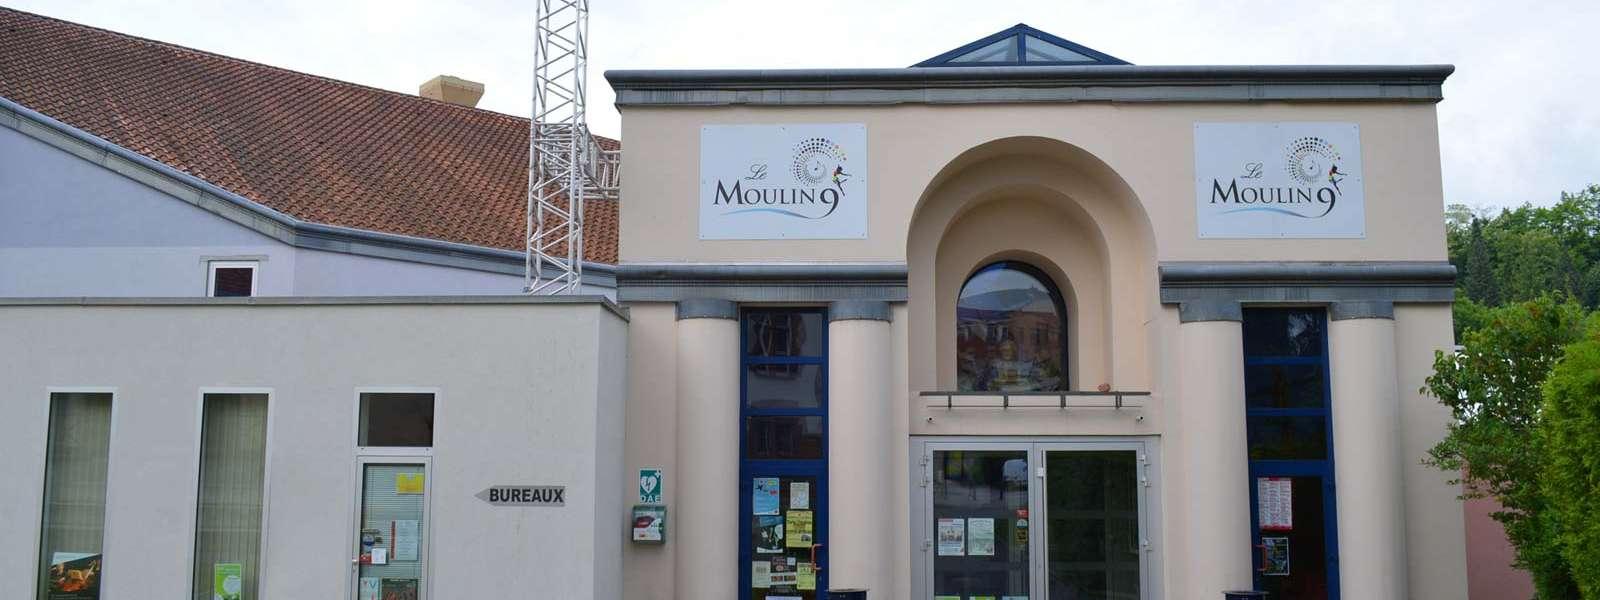 Le Moulin 9, vue extérieure, Niederbronn-les-Bains, Alsace